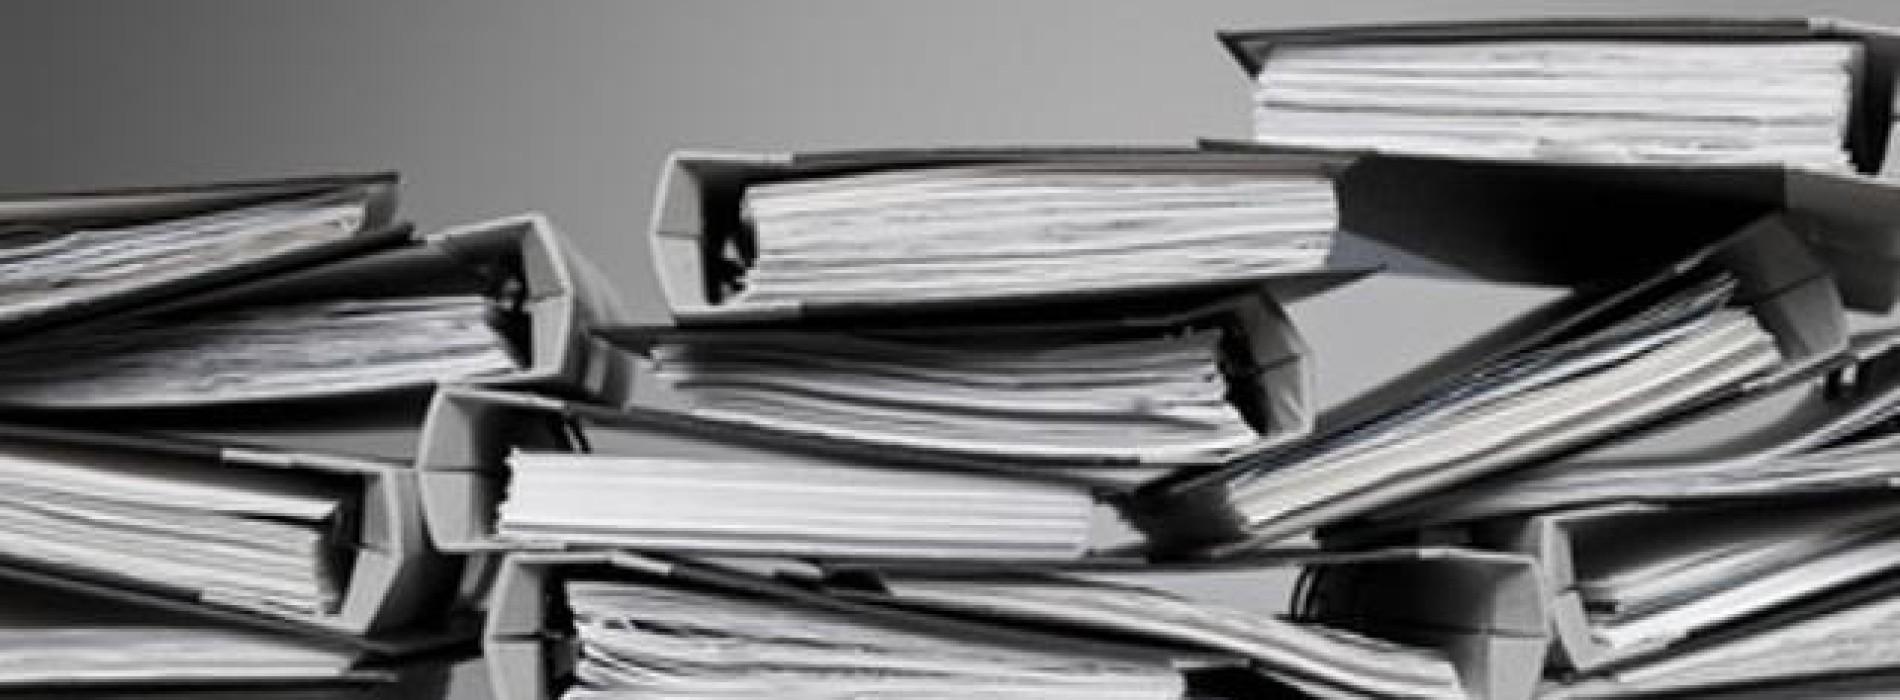 Na jakich zasadach należy archiwizować dokumenty księgowe?